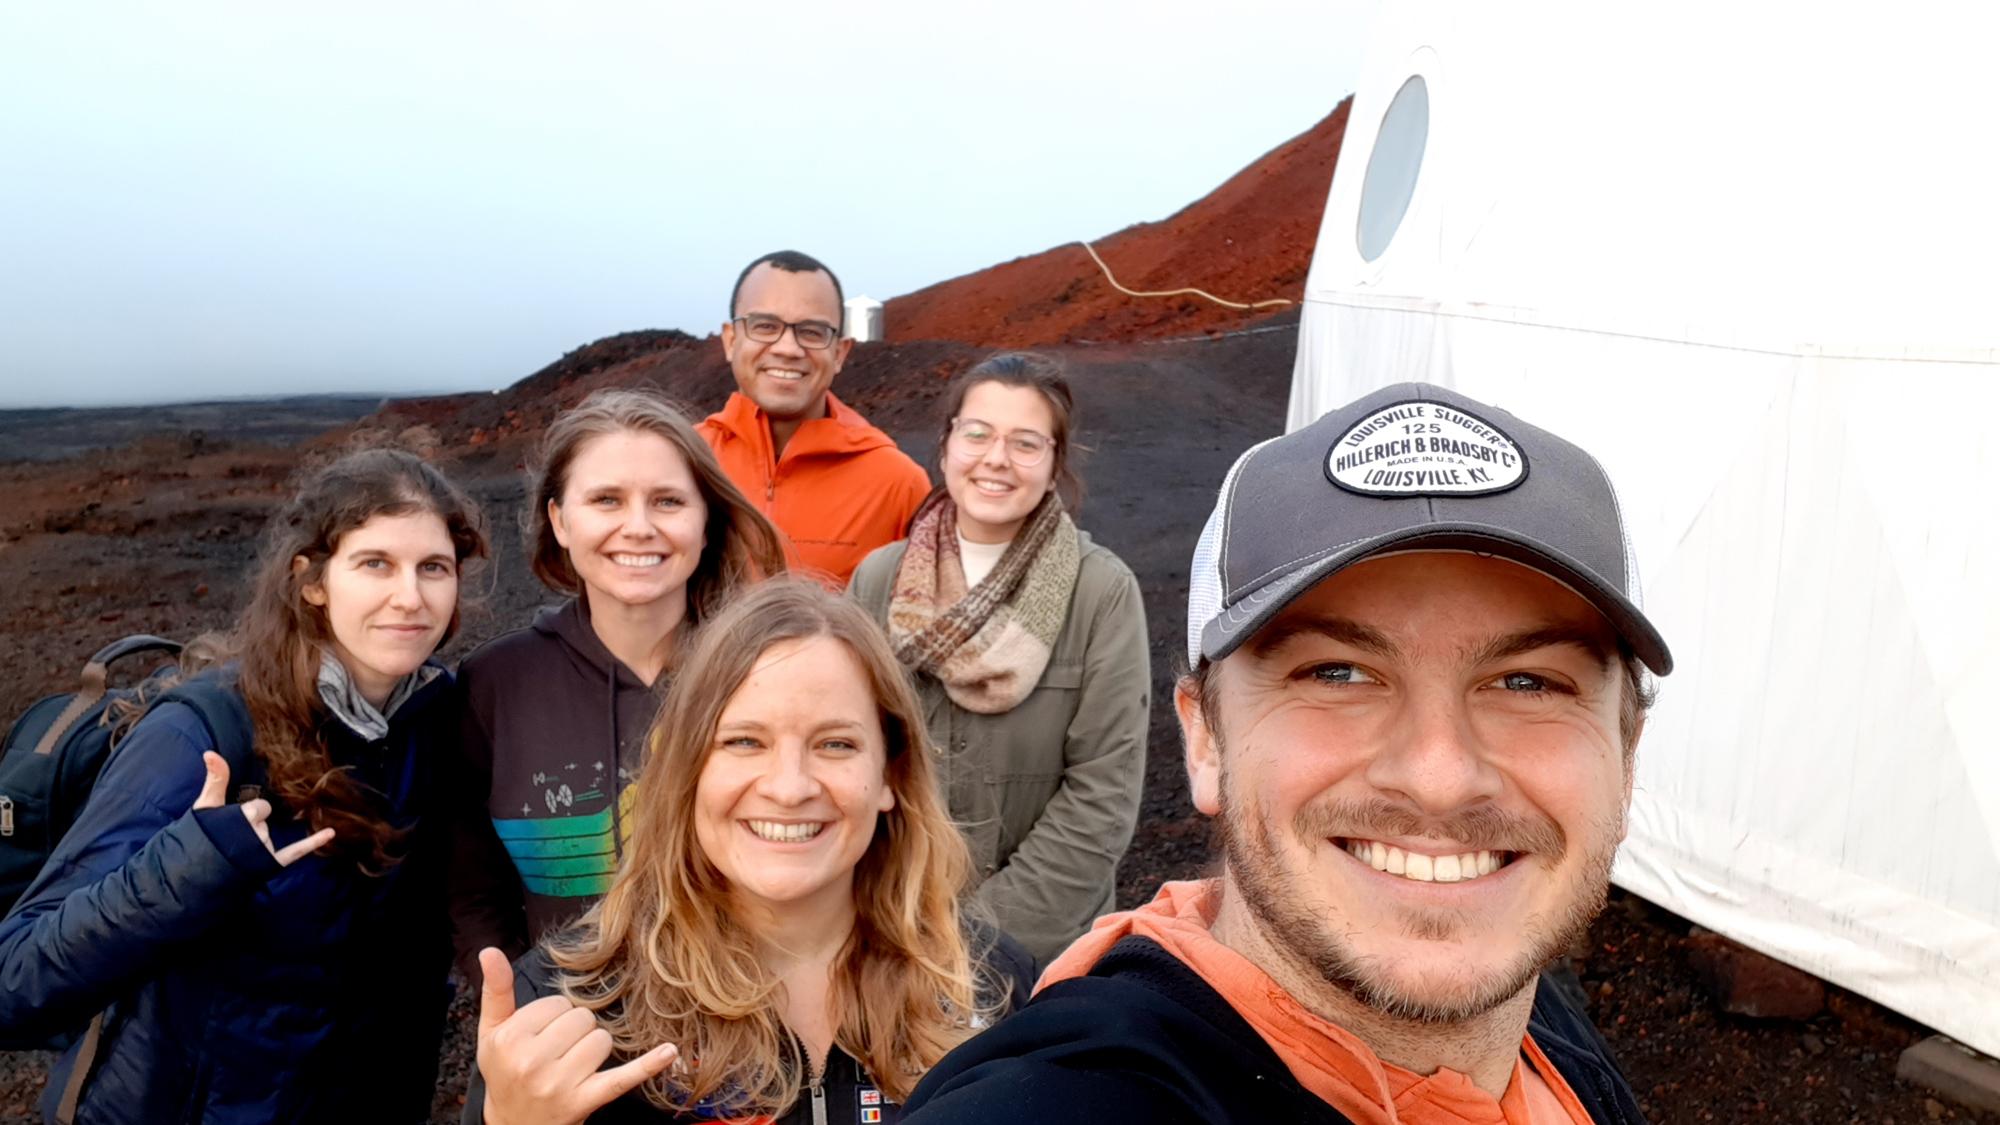 Un selfie de l'équipage Selene II avant le début de la mission.  De gauche à droite: Lindsay Rutter, Karen Rucker, Michaela Musilova, Fabio Teixeira (arrière), Cassandra Klos, Ben Greaves.